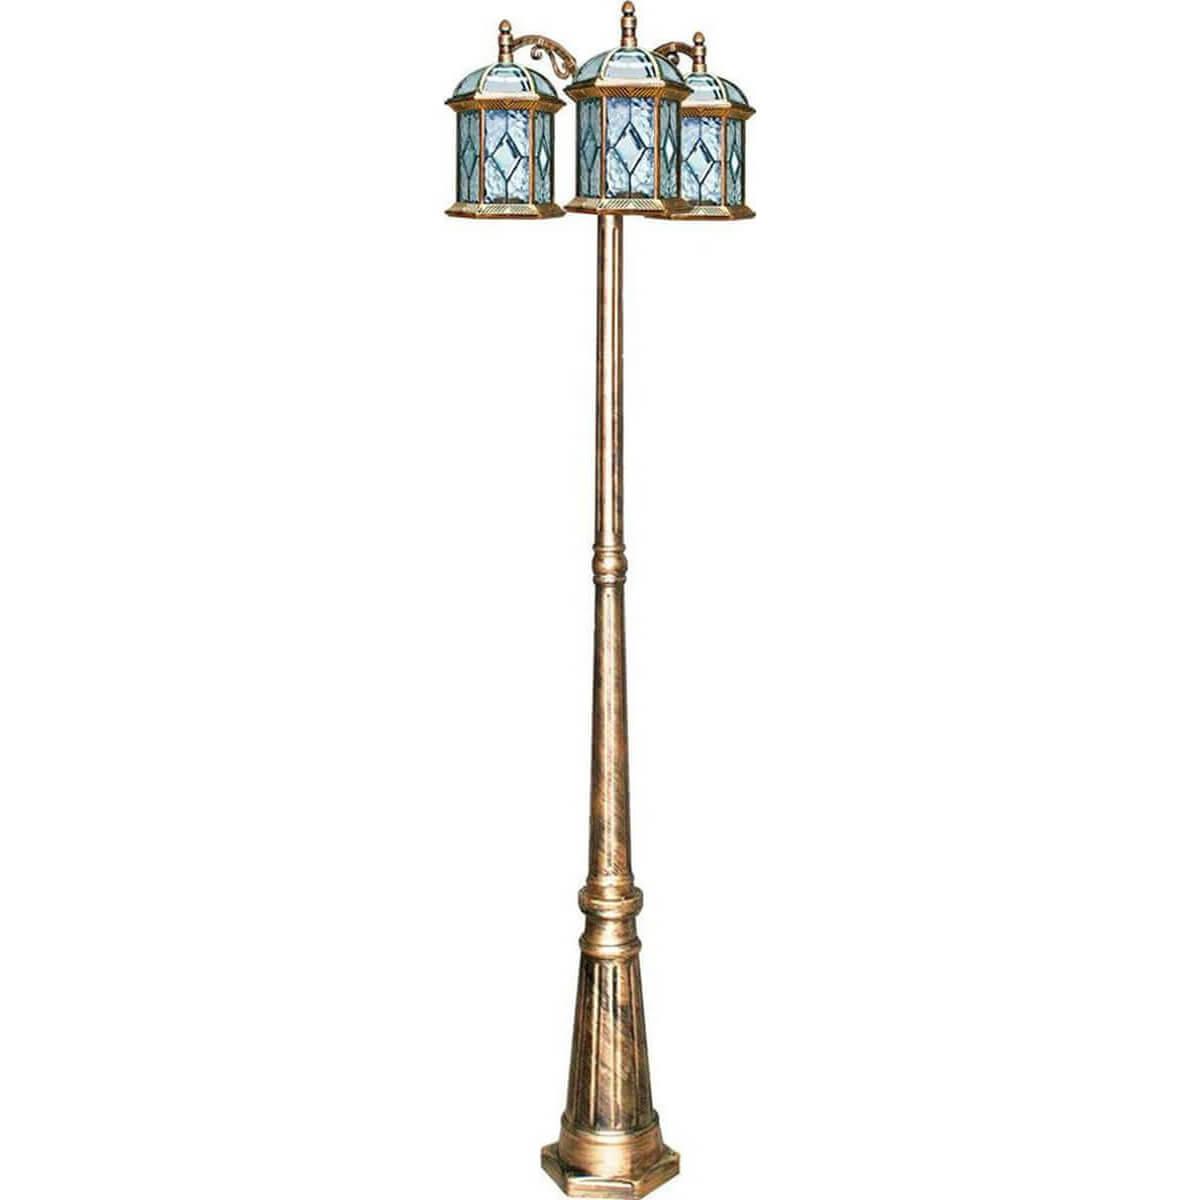 цена Садово-парковый светильник Feron PL178 11342 онлайн в 2017 году